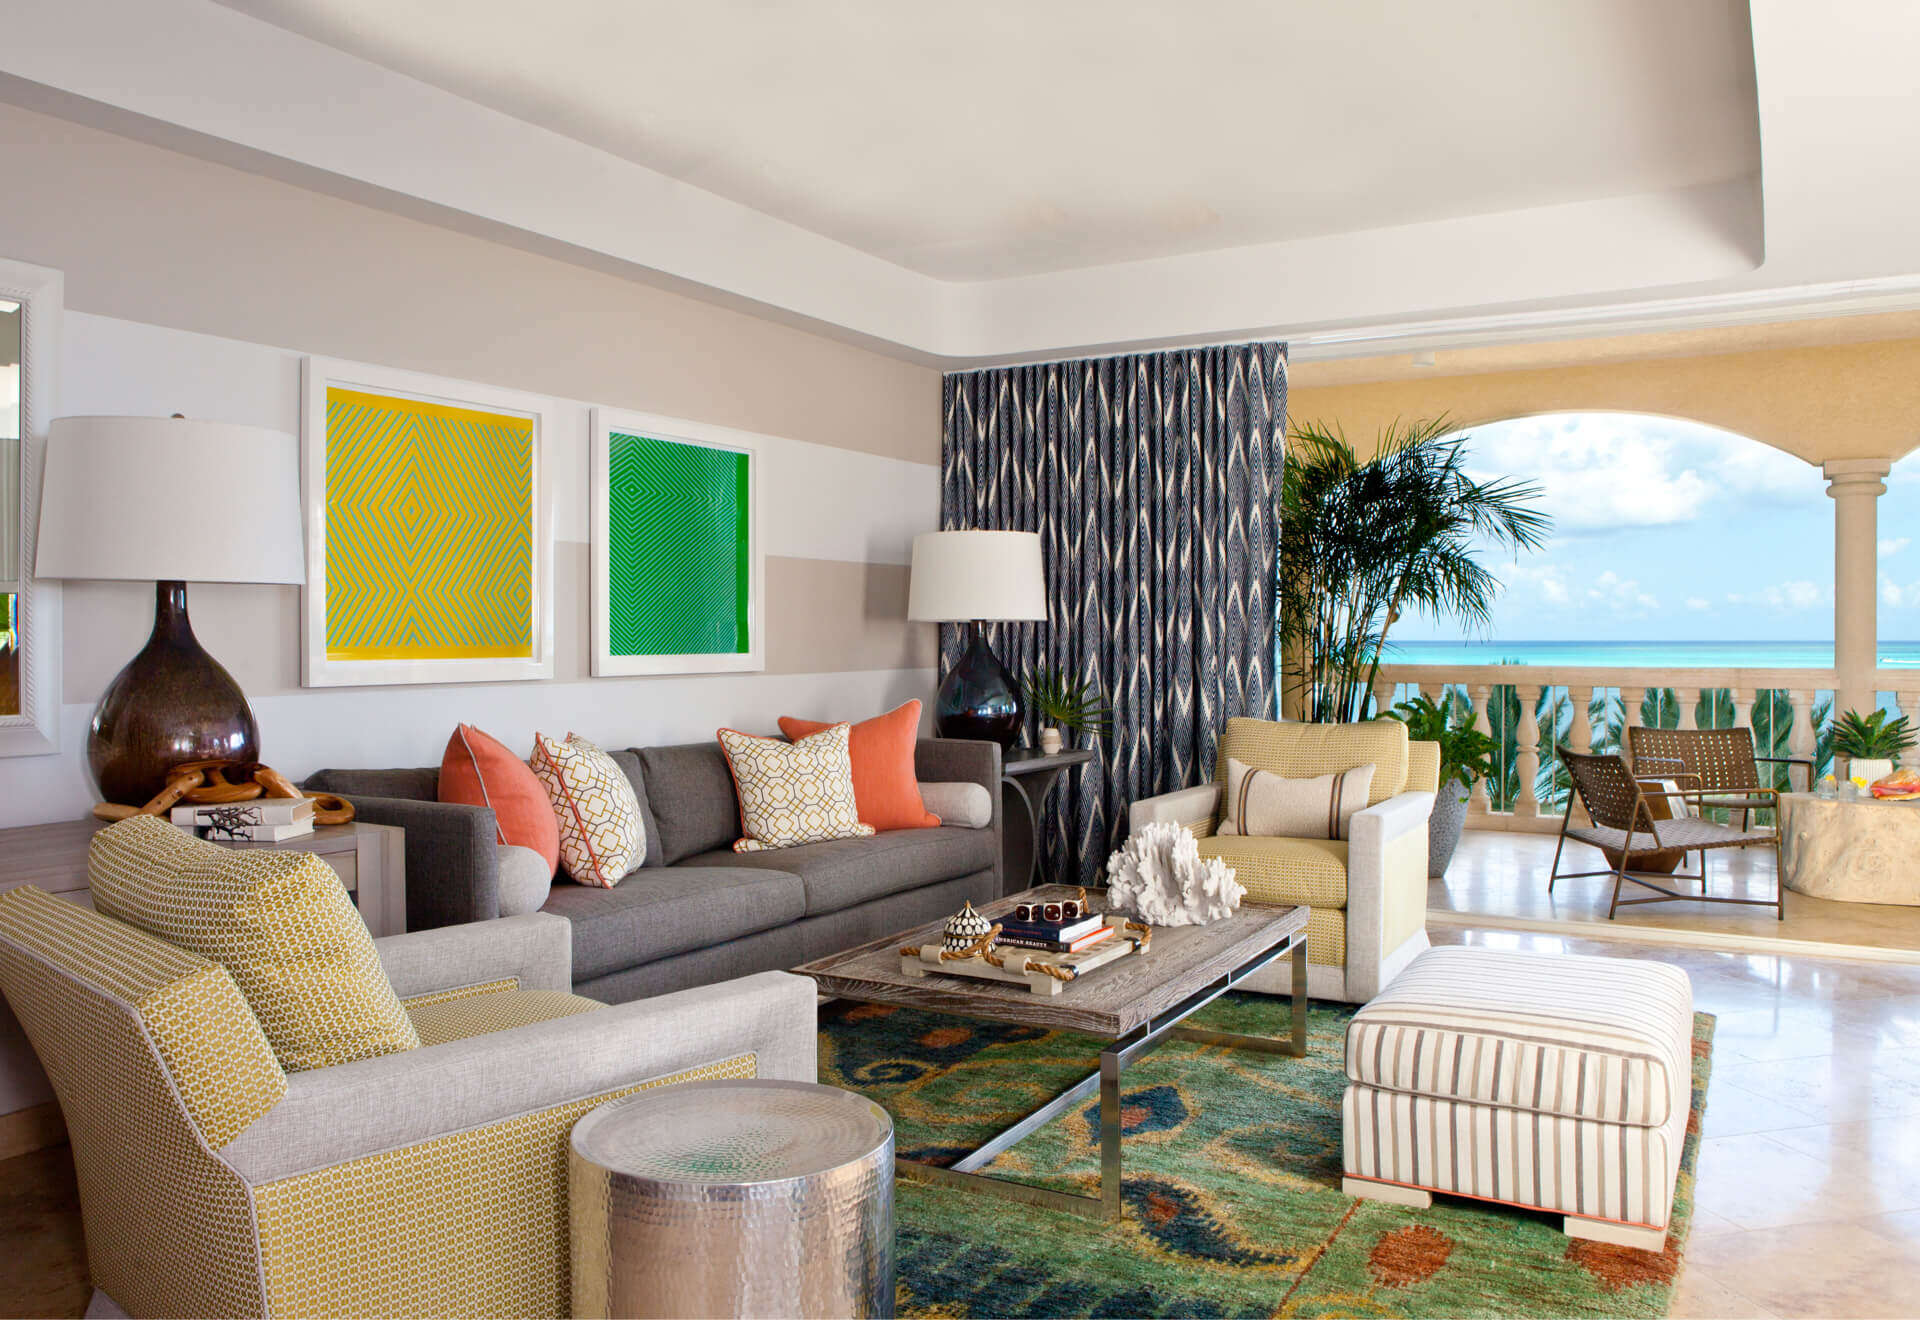 - The Villas | Grace Bay 3 BDM Suite - Image 1/5